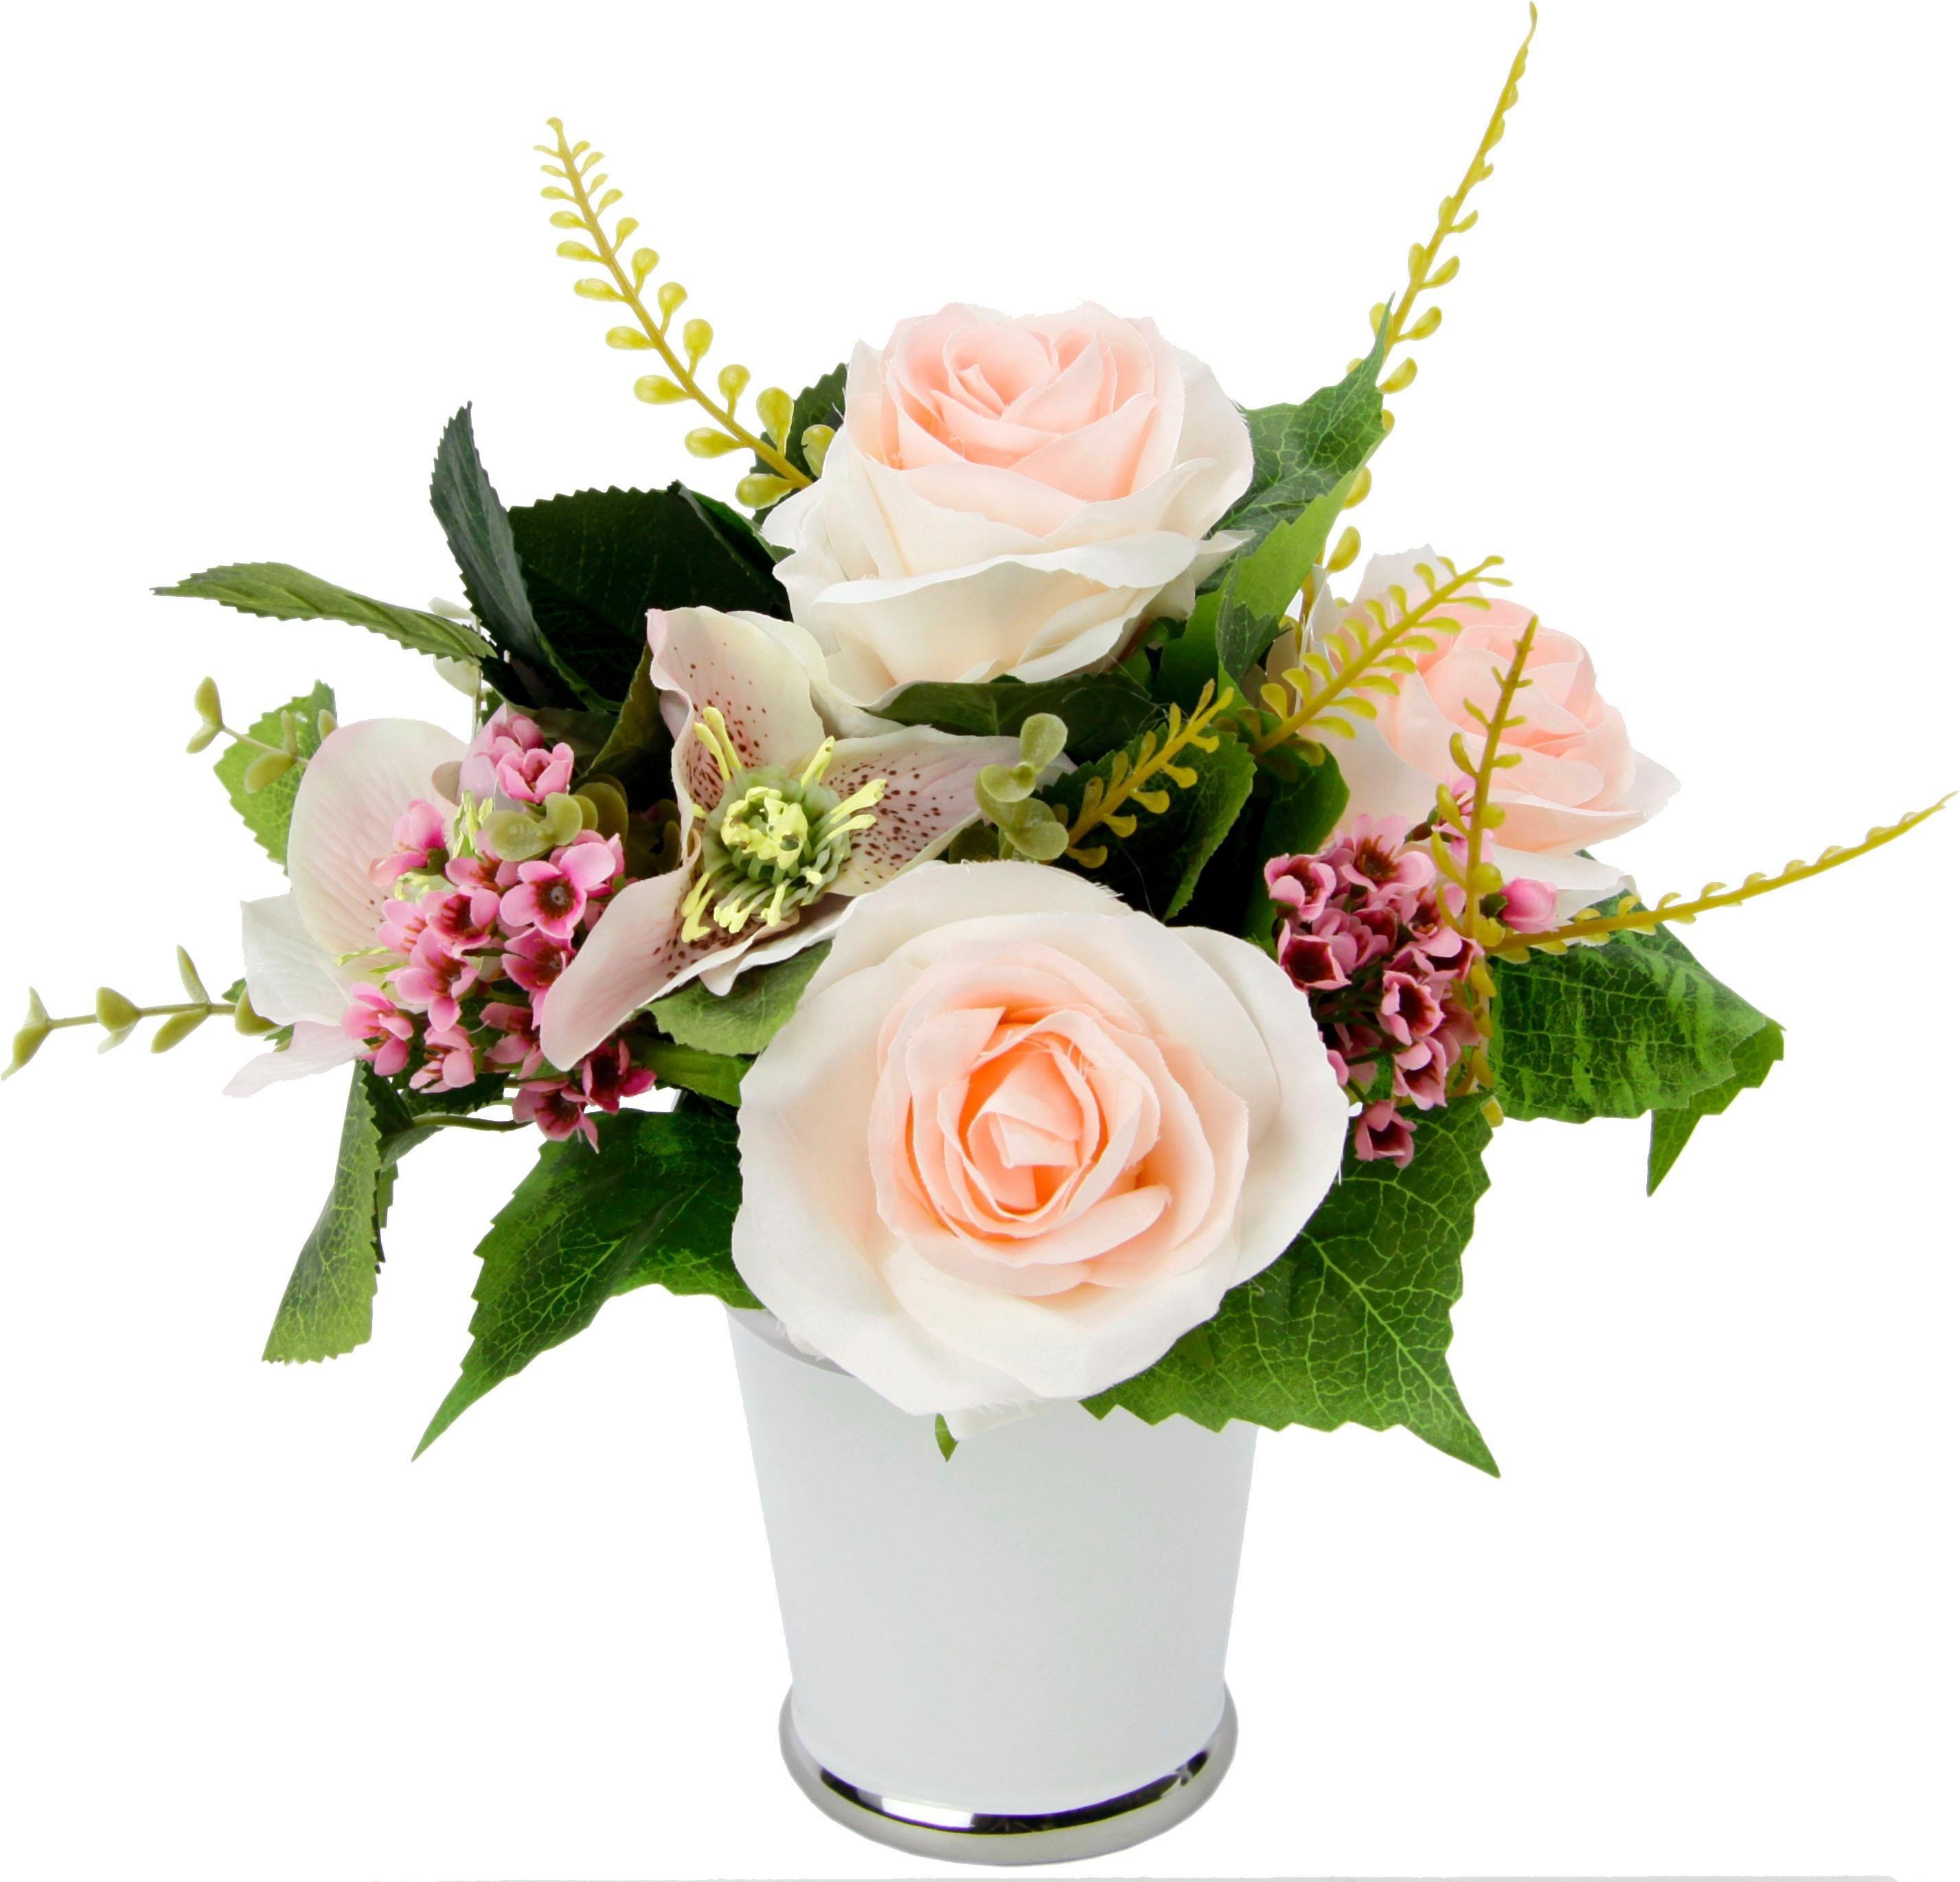 Blumenbank Preisvergleich • Die besten Angebote online kaufen